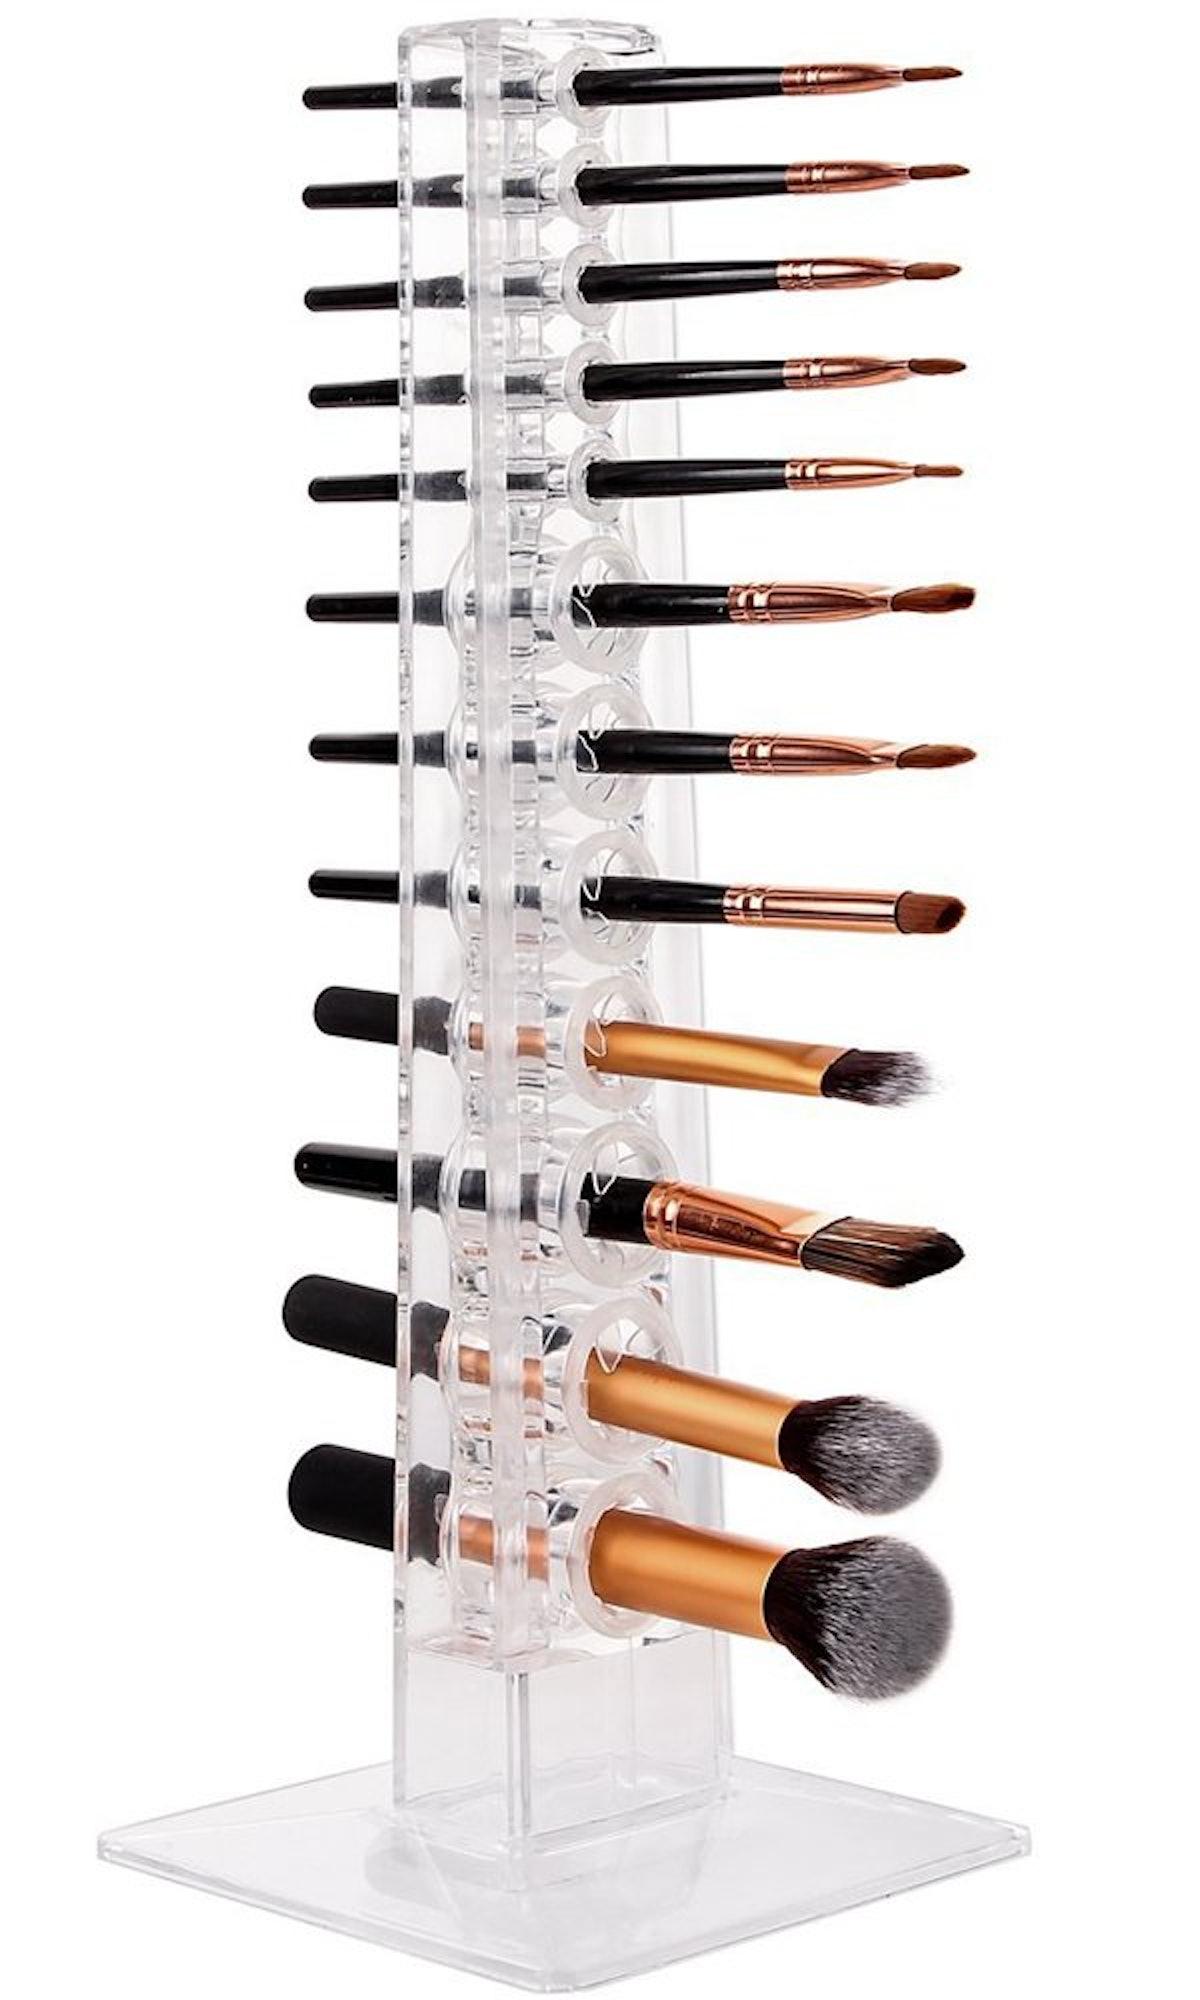 MAKARTT Makeup Brush Holder